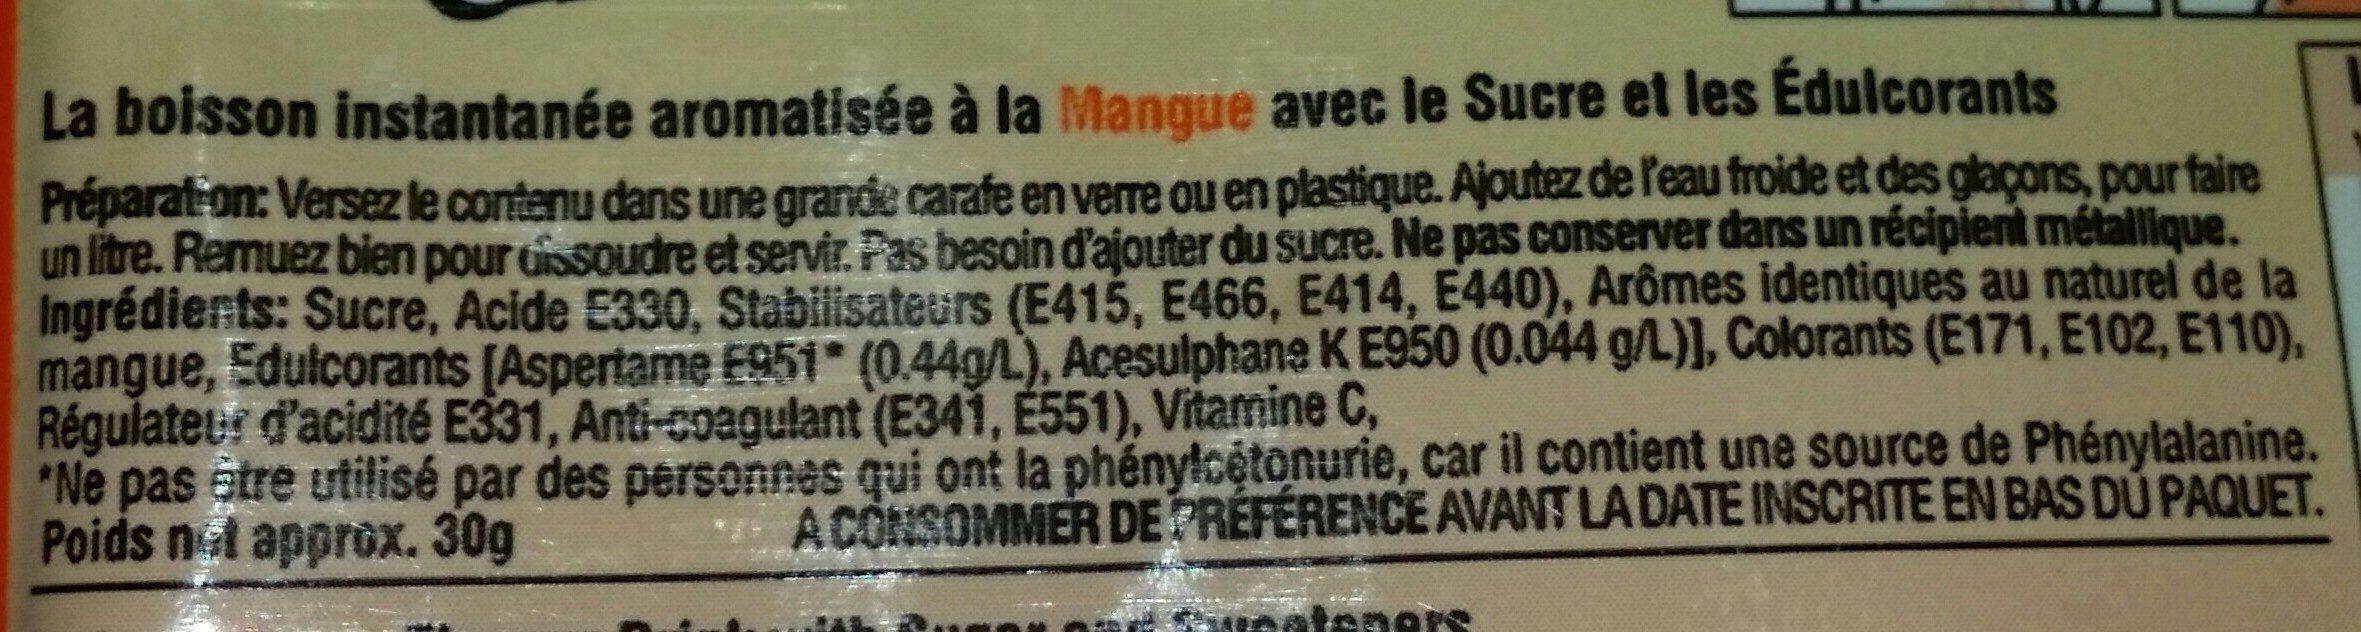 Foster Clark's Mango Drink 30GR - Ingrédients